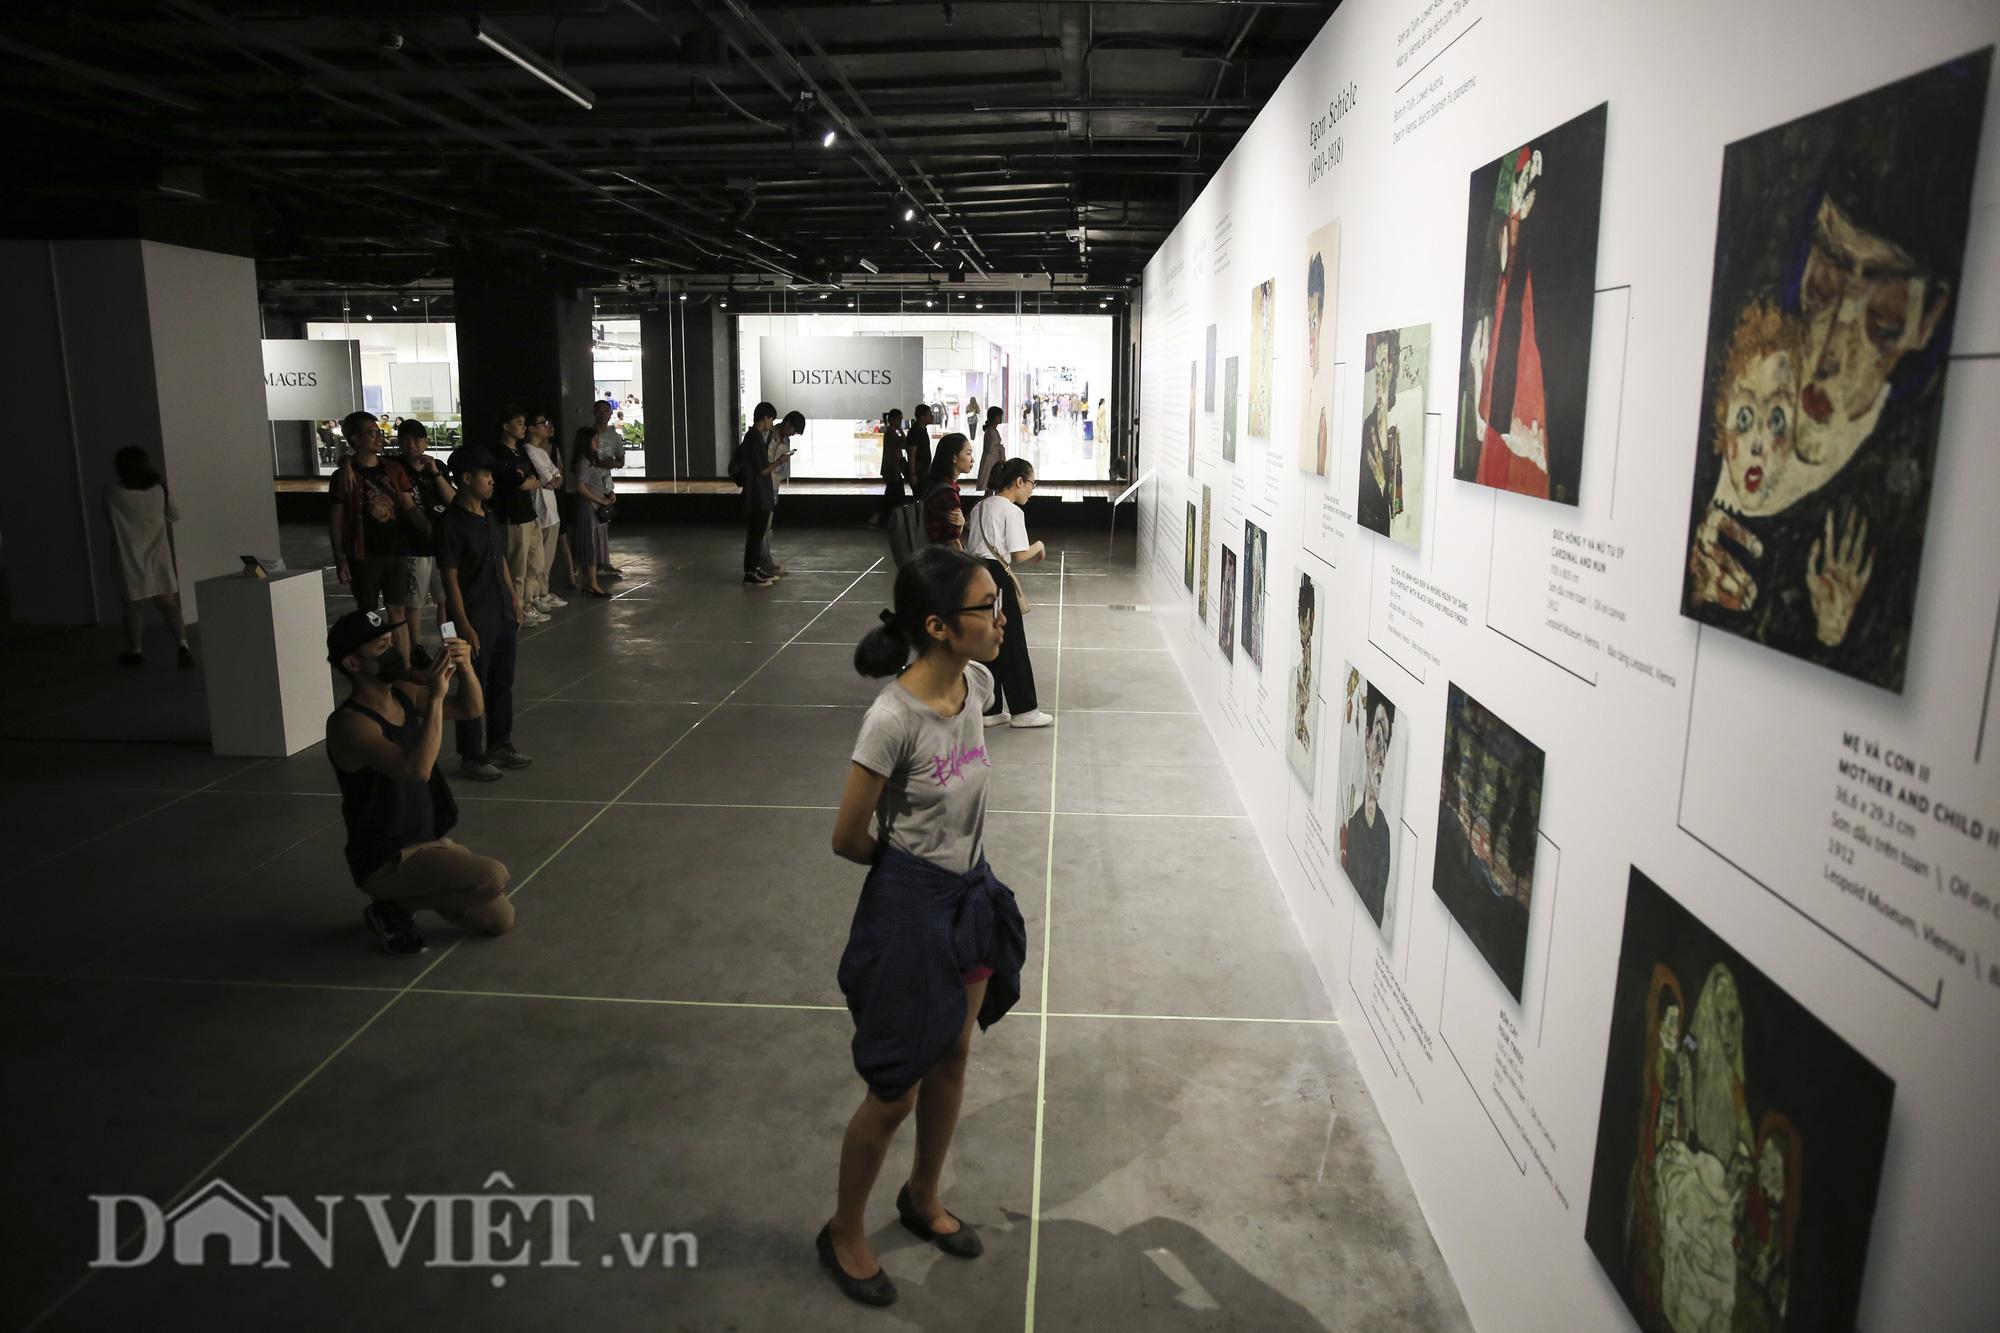 Chiêm ngưỡng những kiệt tác hội họa trăm năm, giá trăm triệu USD tại Hà Nội - Ảnh 5.